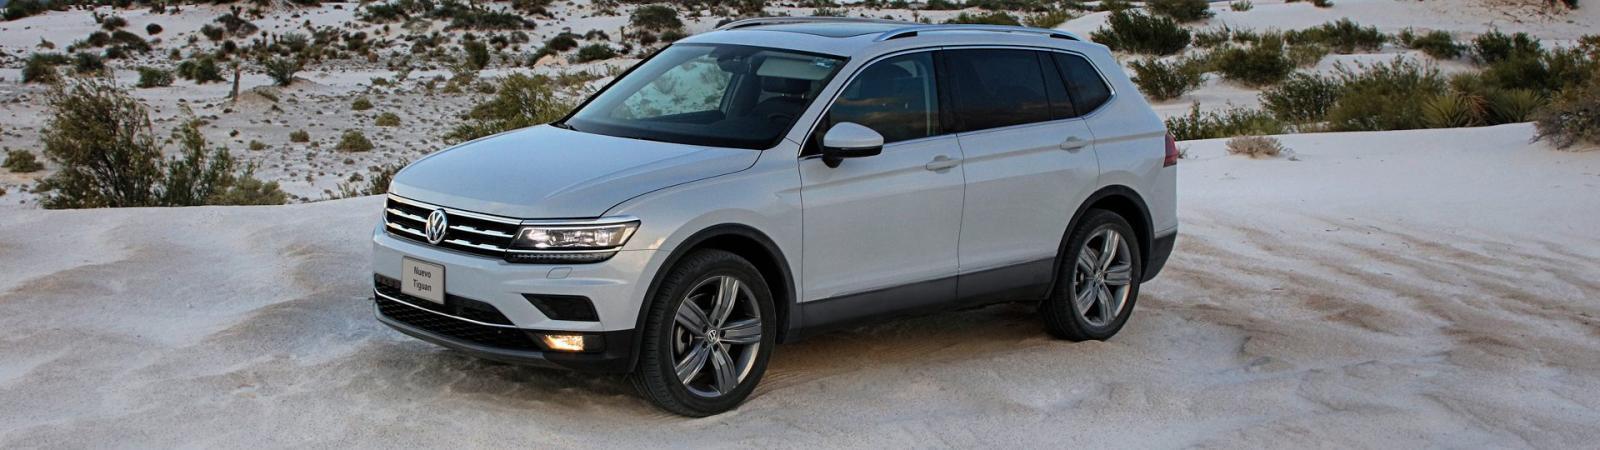 La Volkswagen Tiguan Trendline Plus 2019 tiene un precio ligeramente menor que su rival